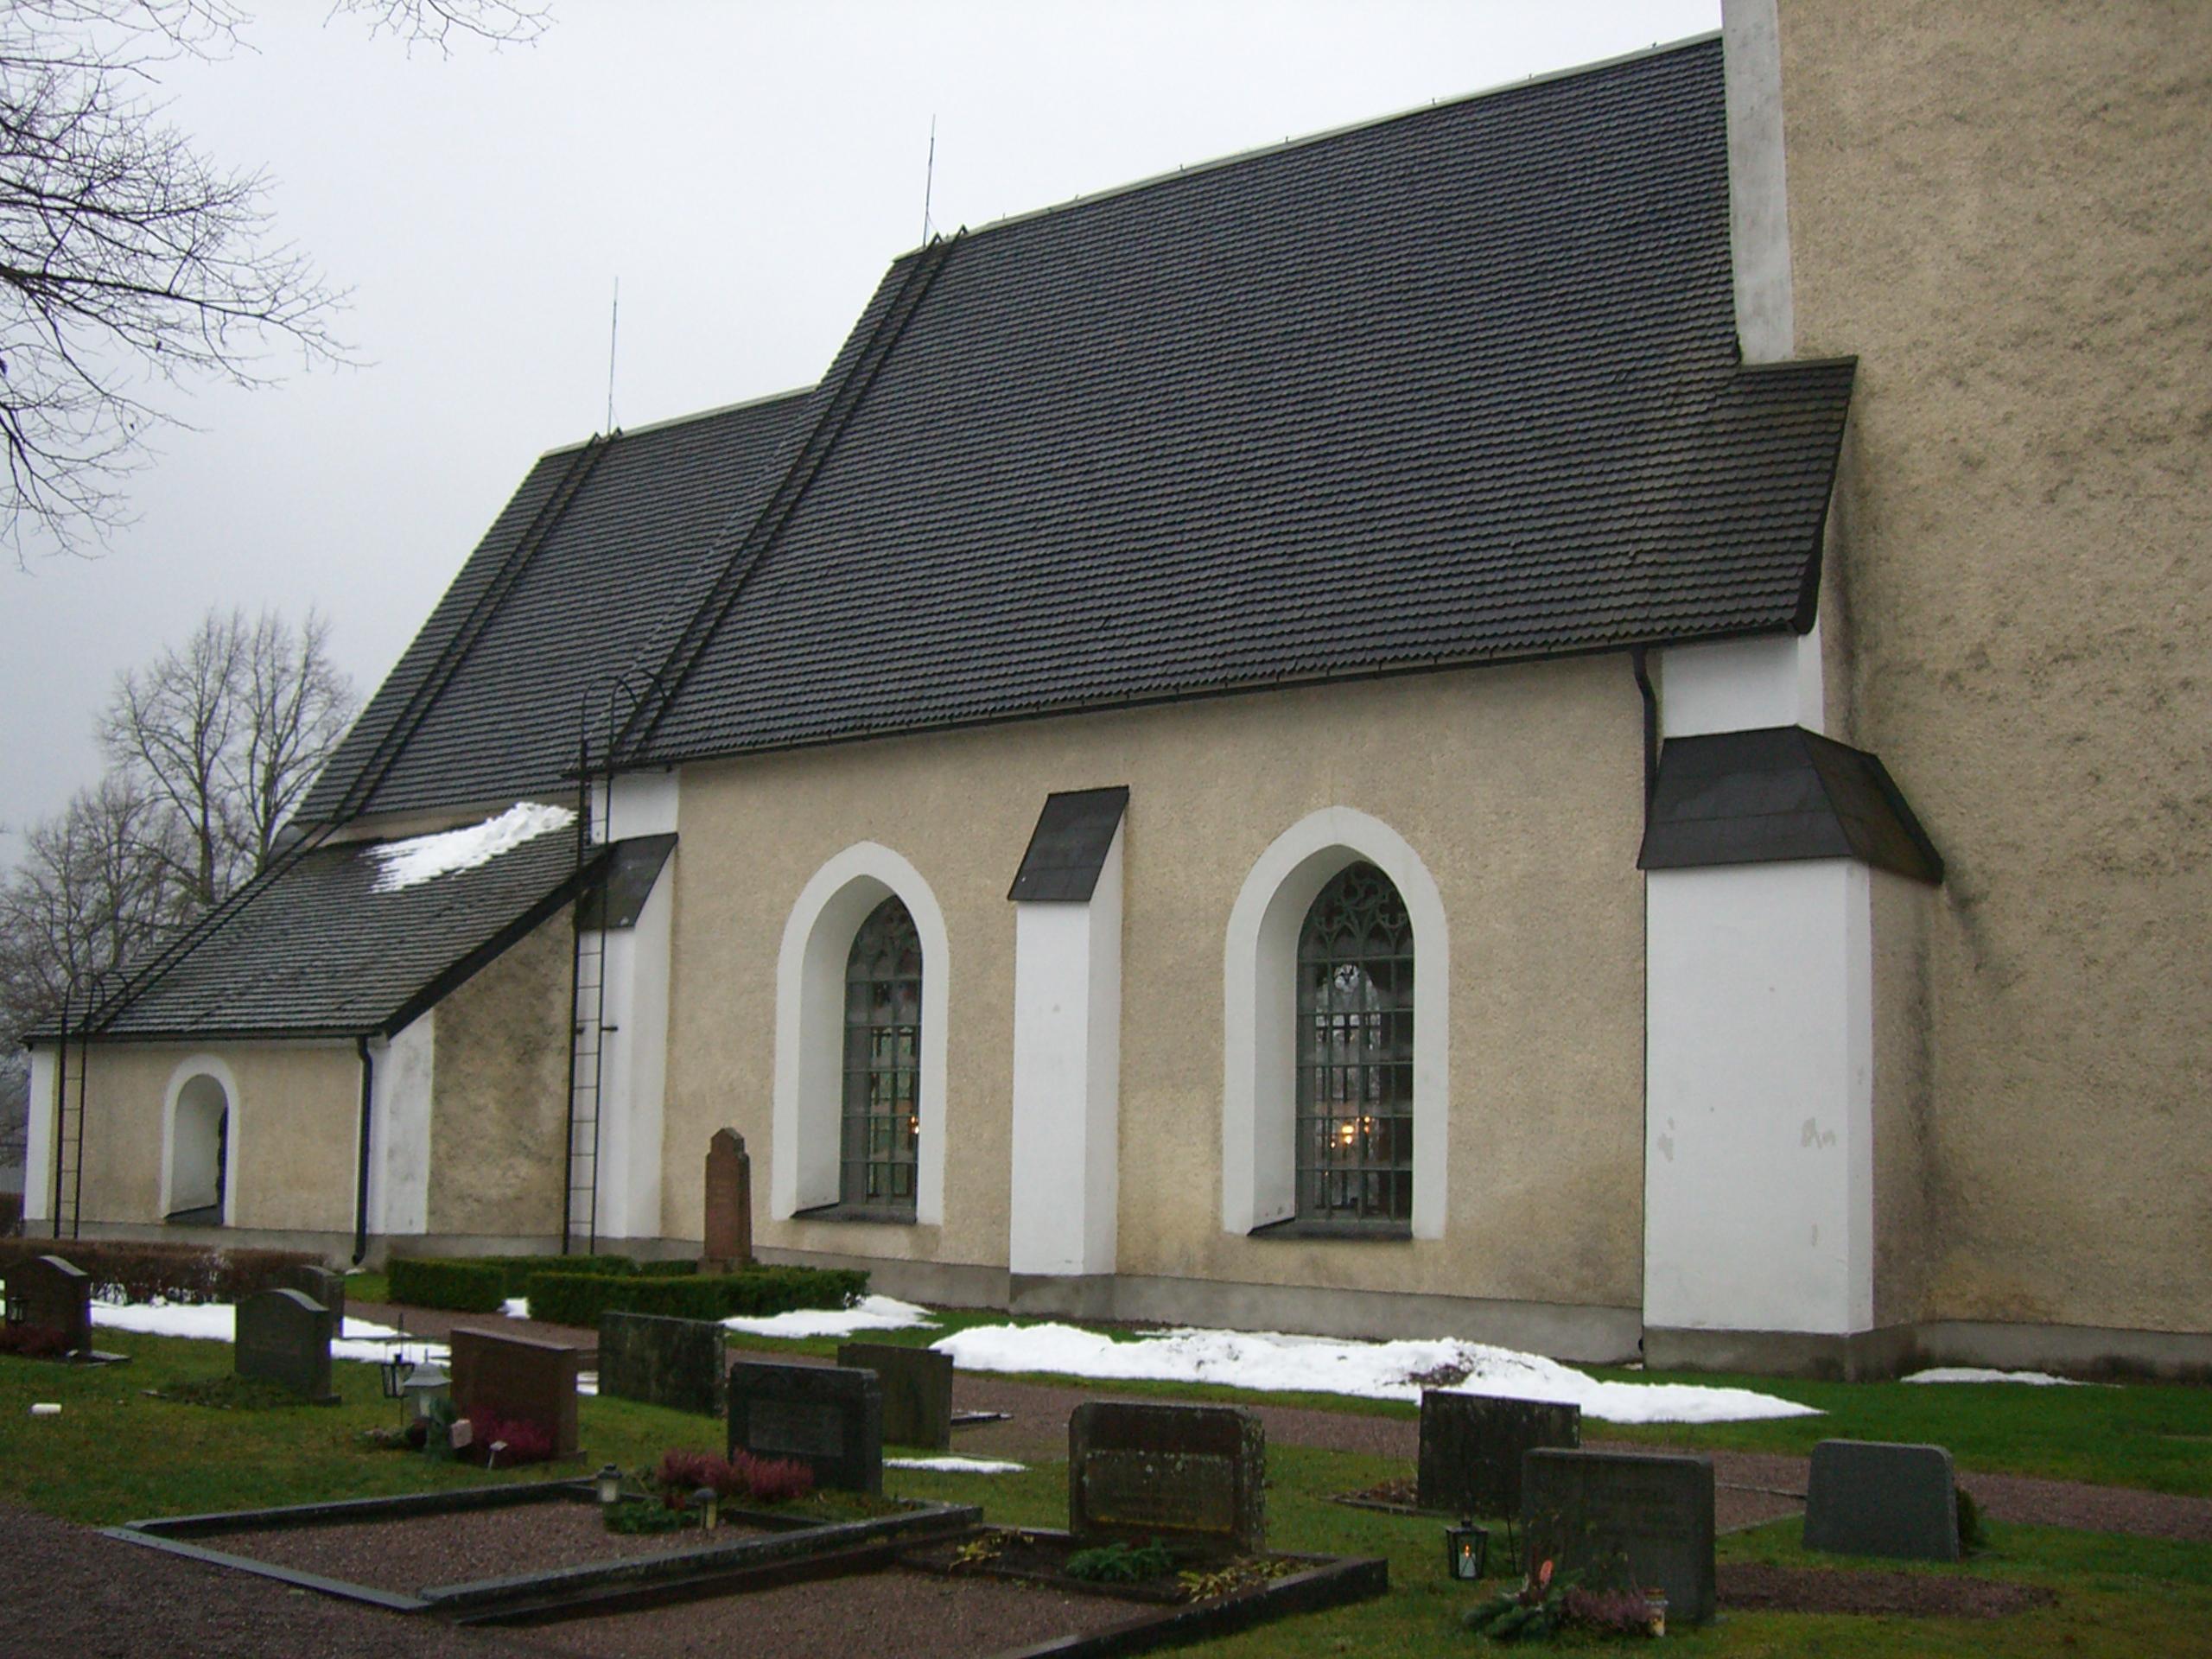 vinter-2008-mikaels-bilder-0021